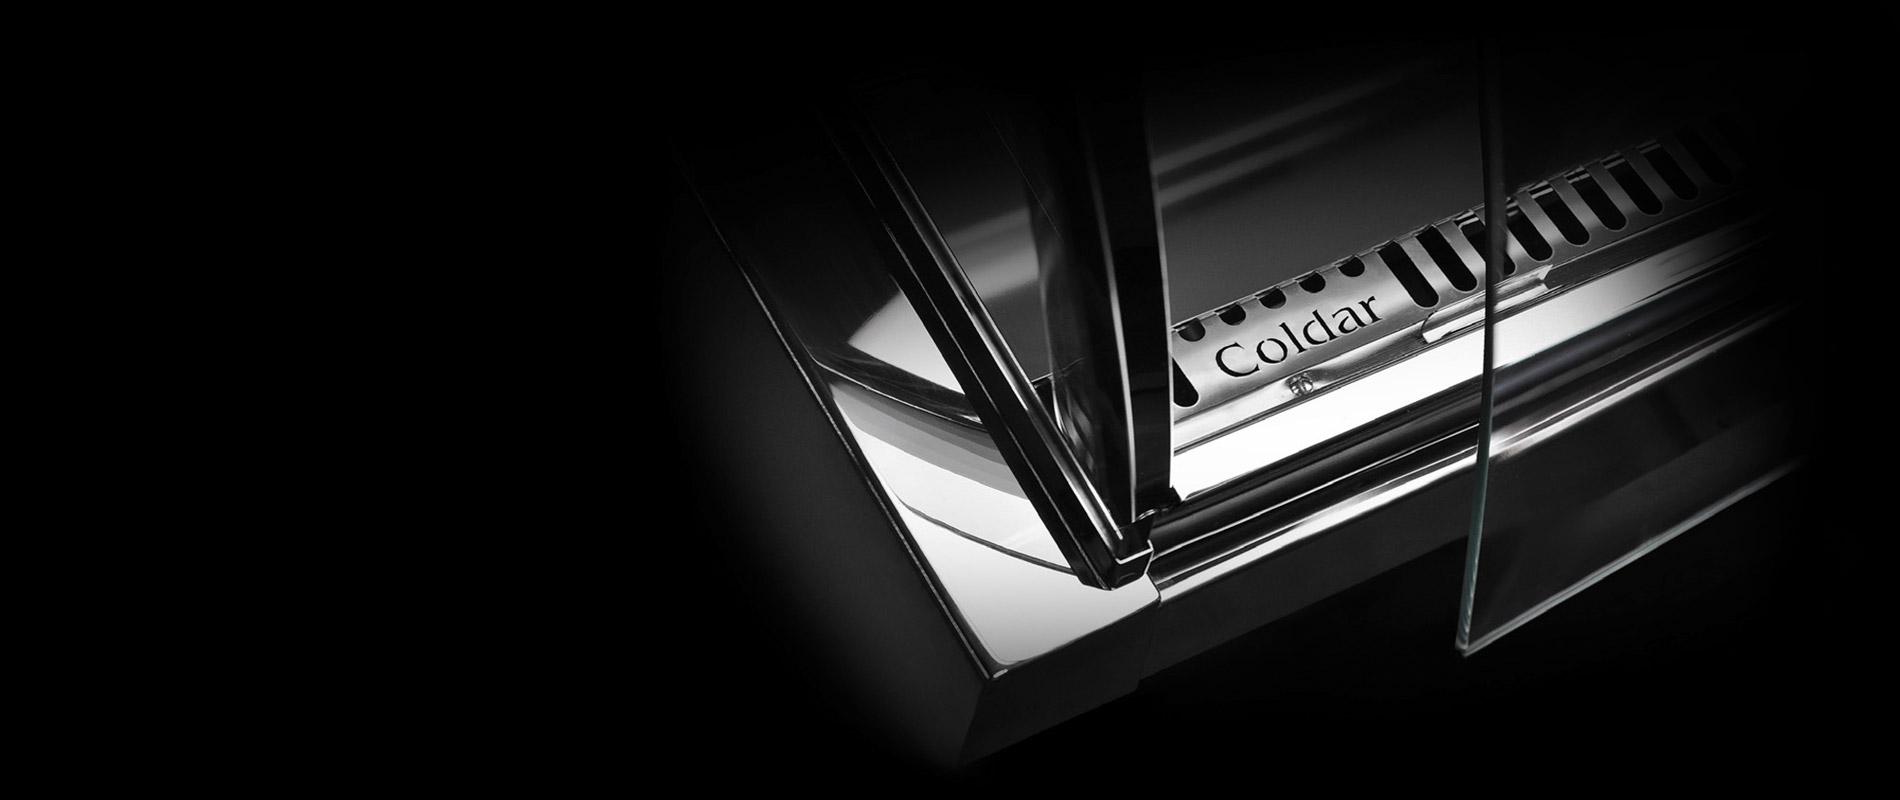 Coldar étudie et produit des meubles frigorifiques entierement en acier inox